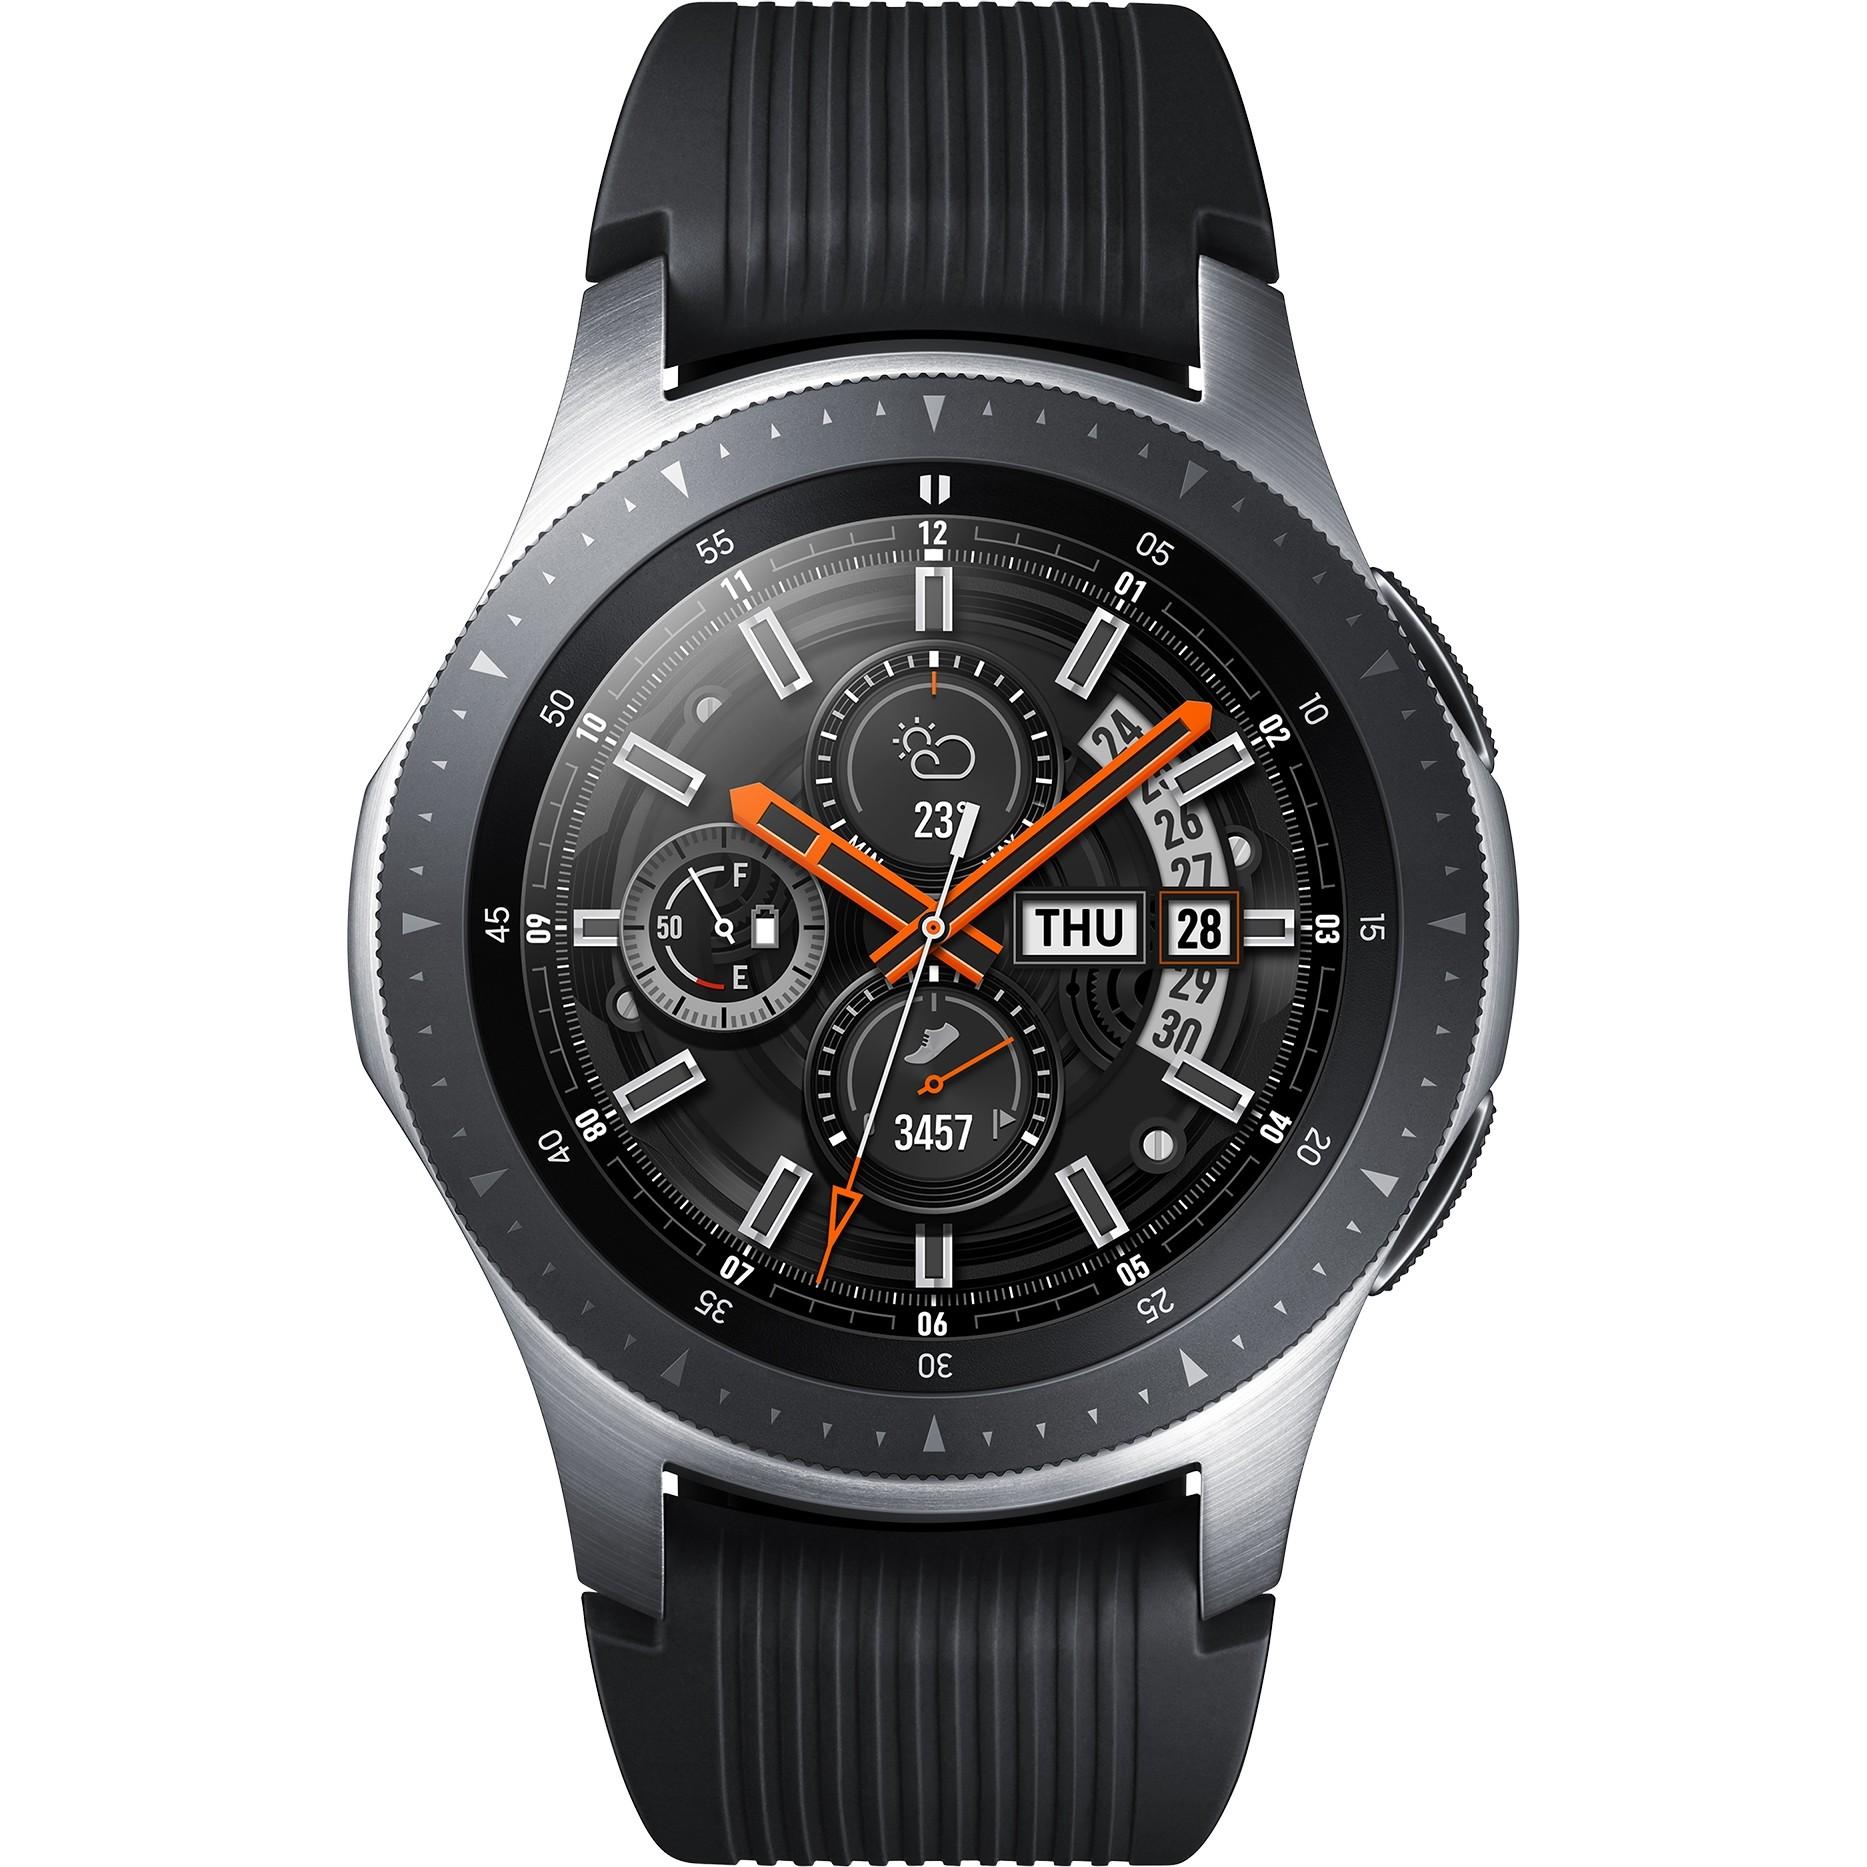 Самсунг продать часы часов определить стоимость